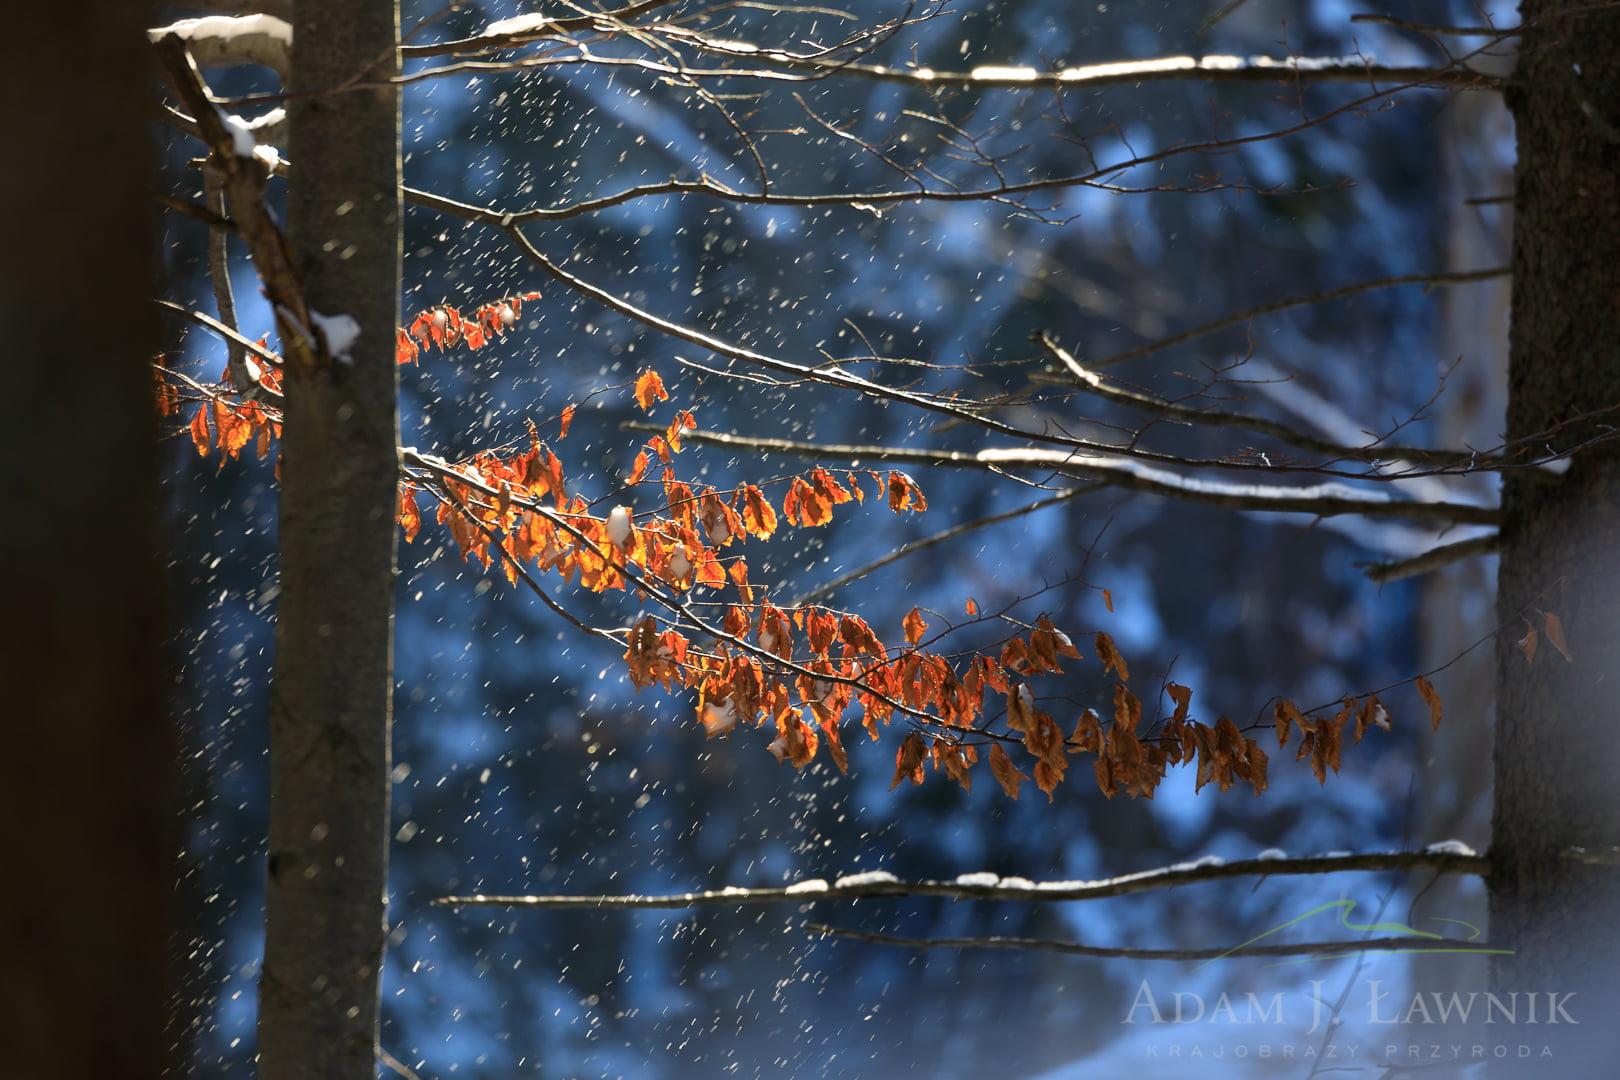 Śnieg spadający z drzew